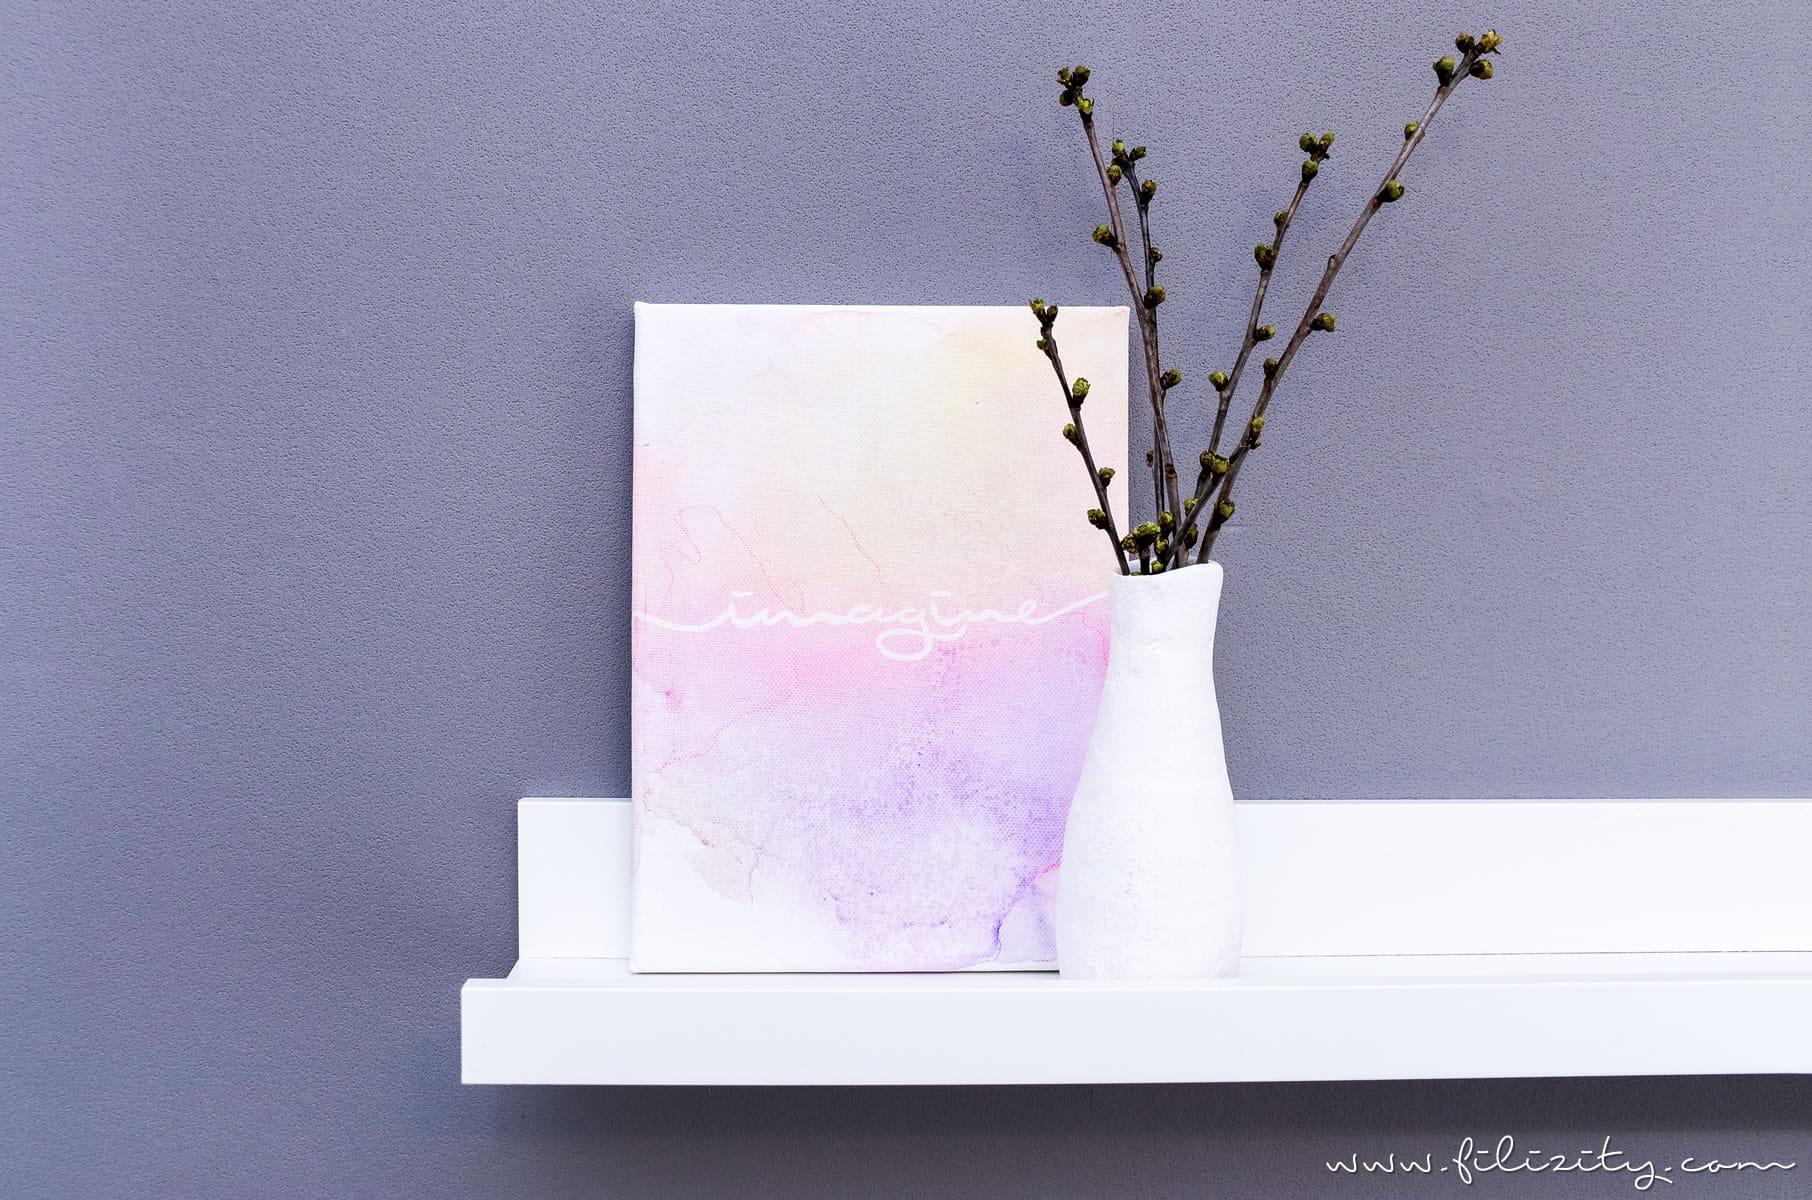 Abstrakte Aquarell Bilder Malen Schnell Einfach Ohne Aquarellfarben Filizity Com Interior Diy Blog Aus Dem Rheinland